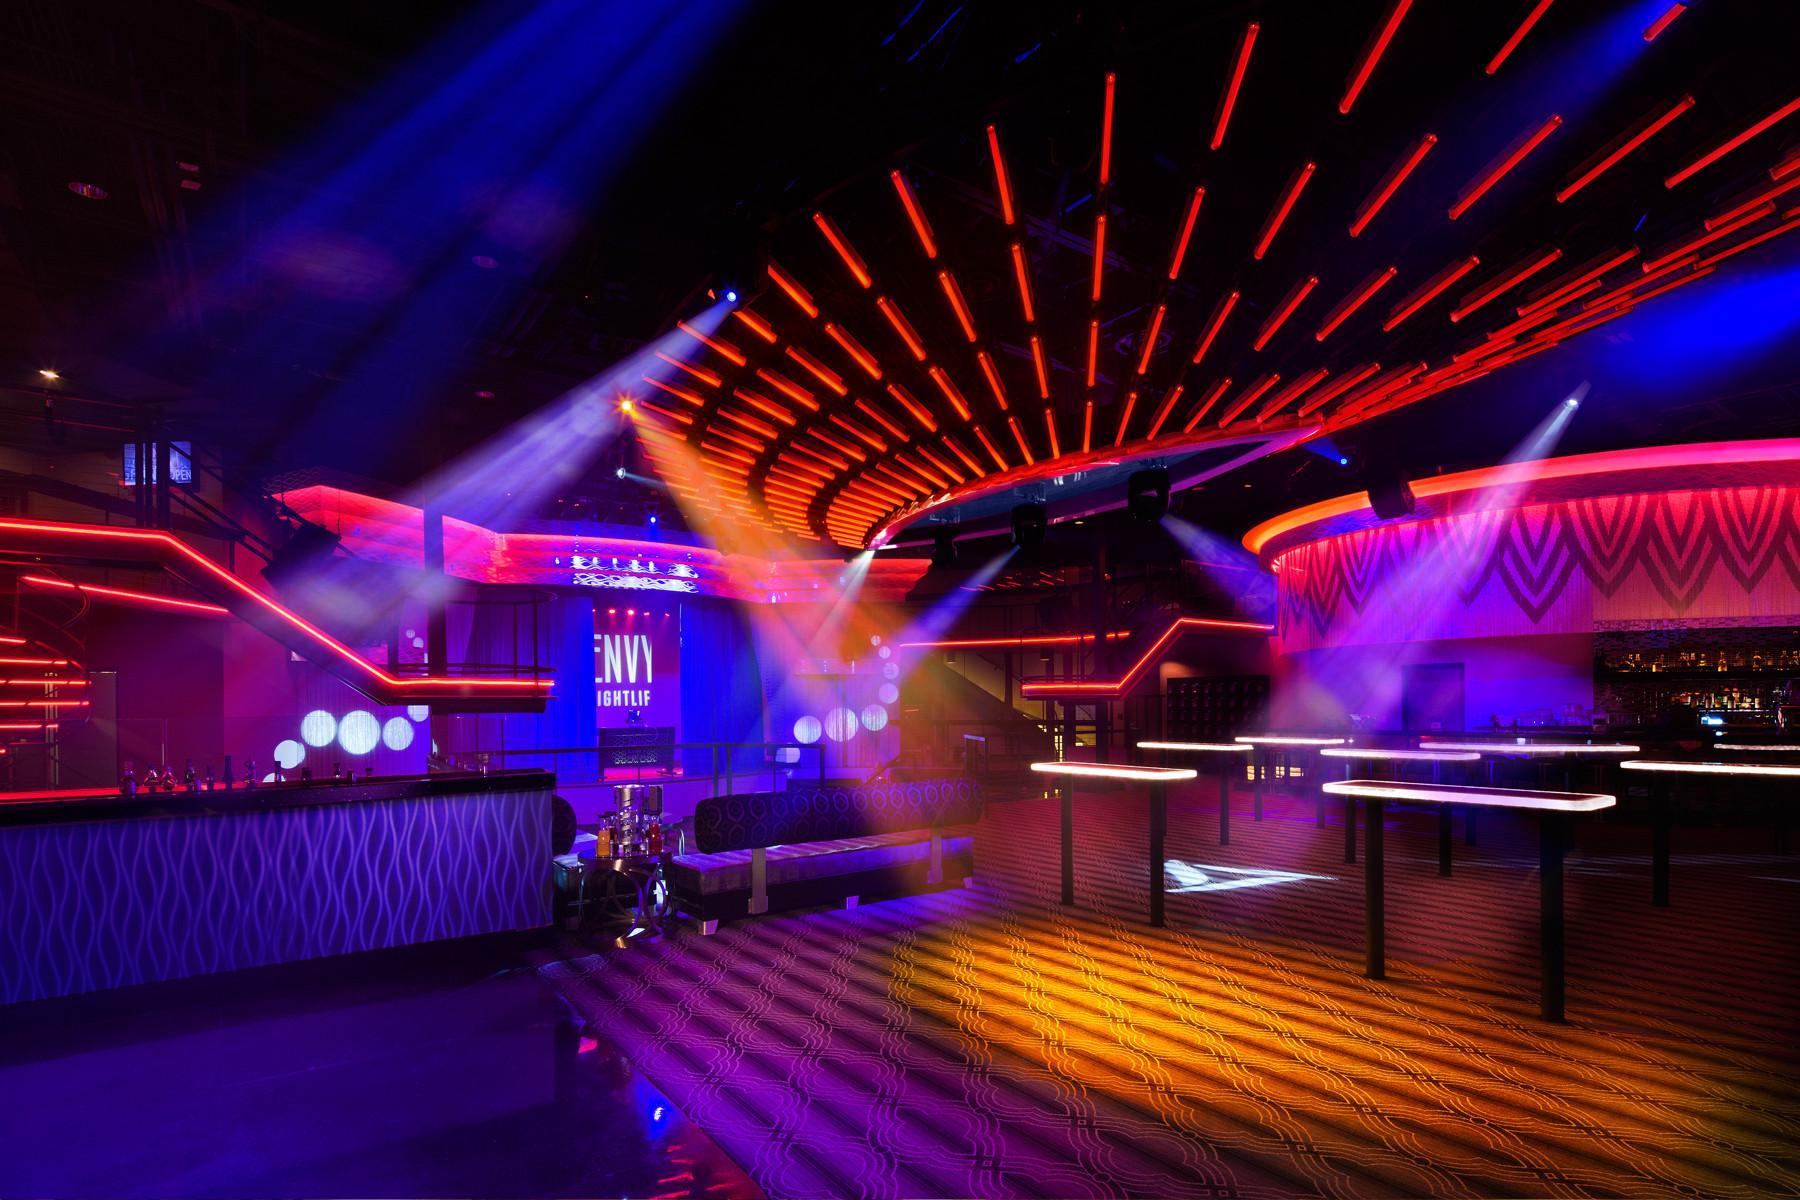 Route-66-Casino_Envy-Nightlife_Lighitng-Design-1800x1200.jpg